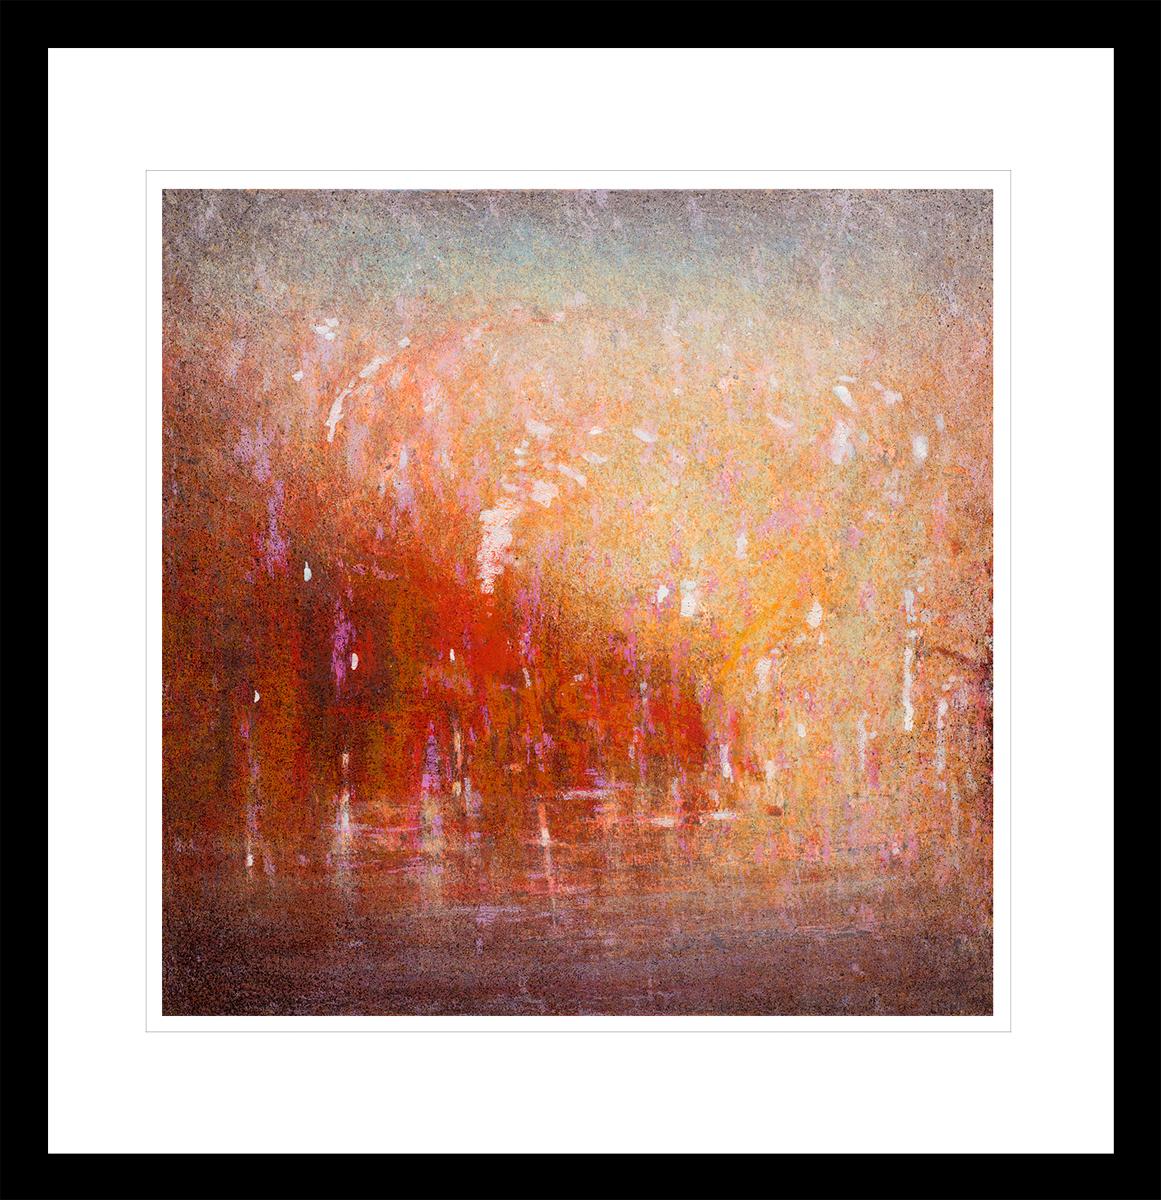 Abstrakt kunst med glødende rød og oransje antarktis solnedgang. Håndkolorert litografi av Vebjørn Sand.